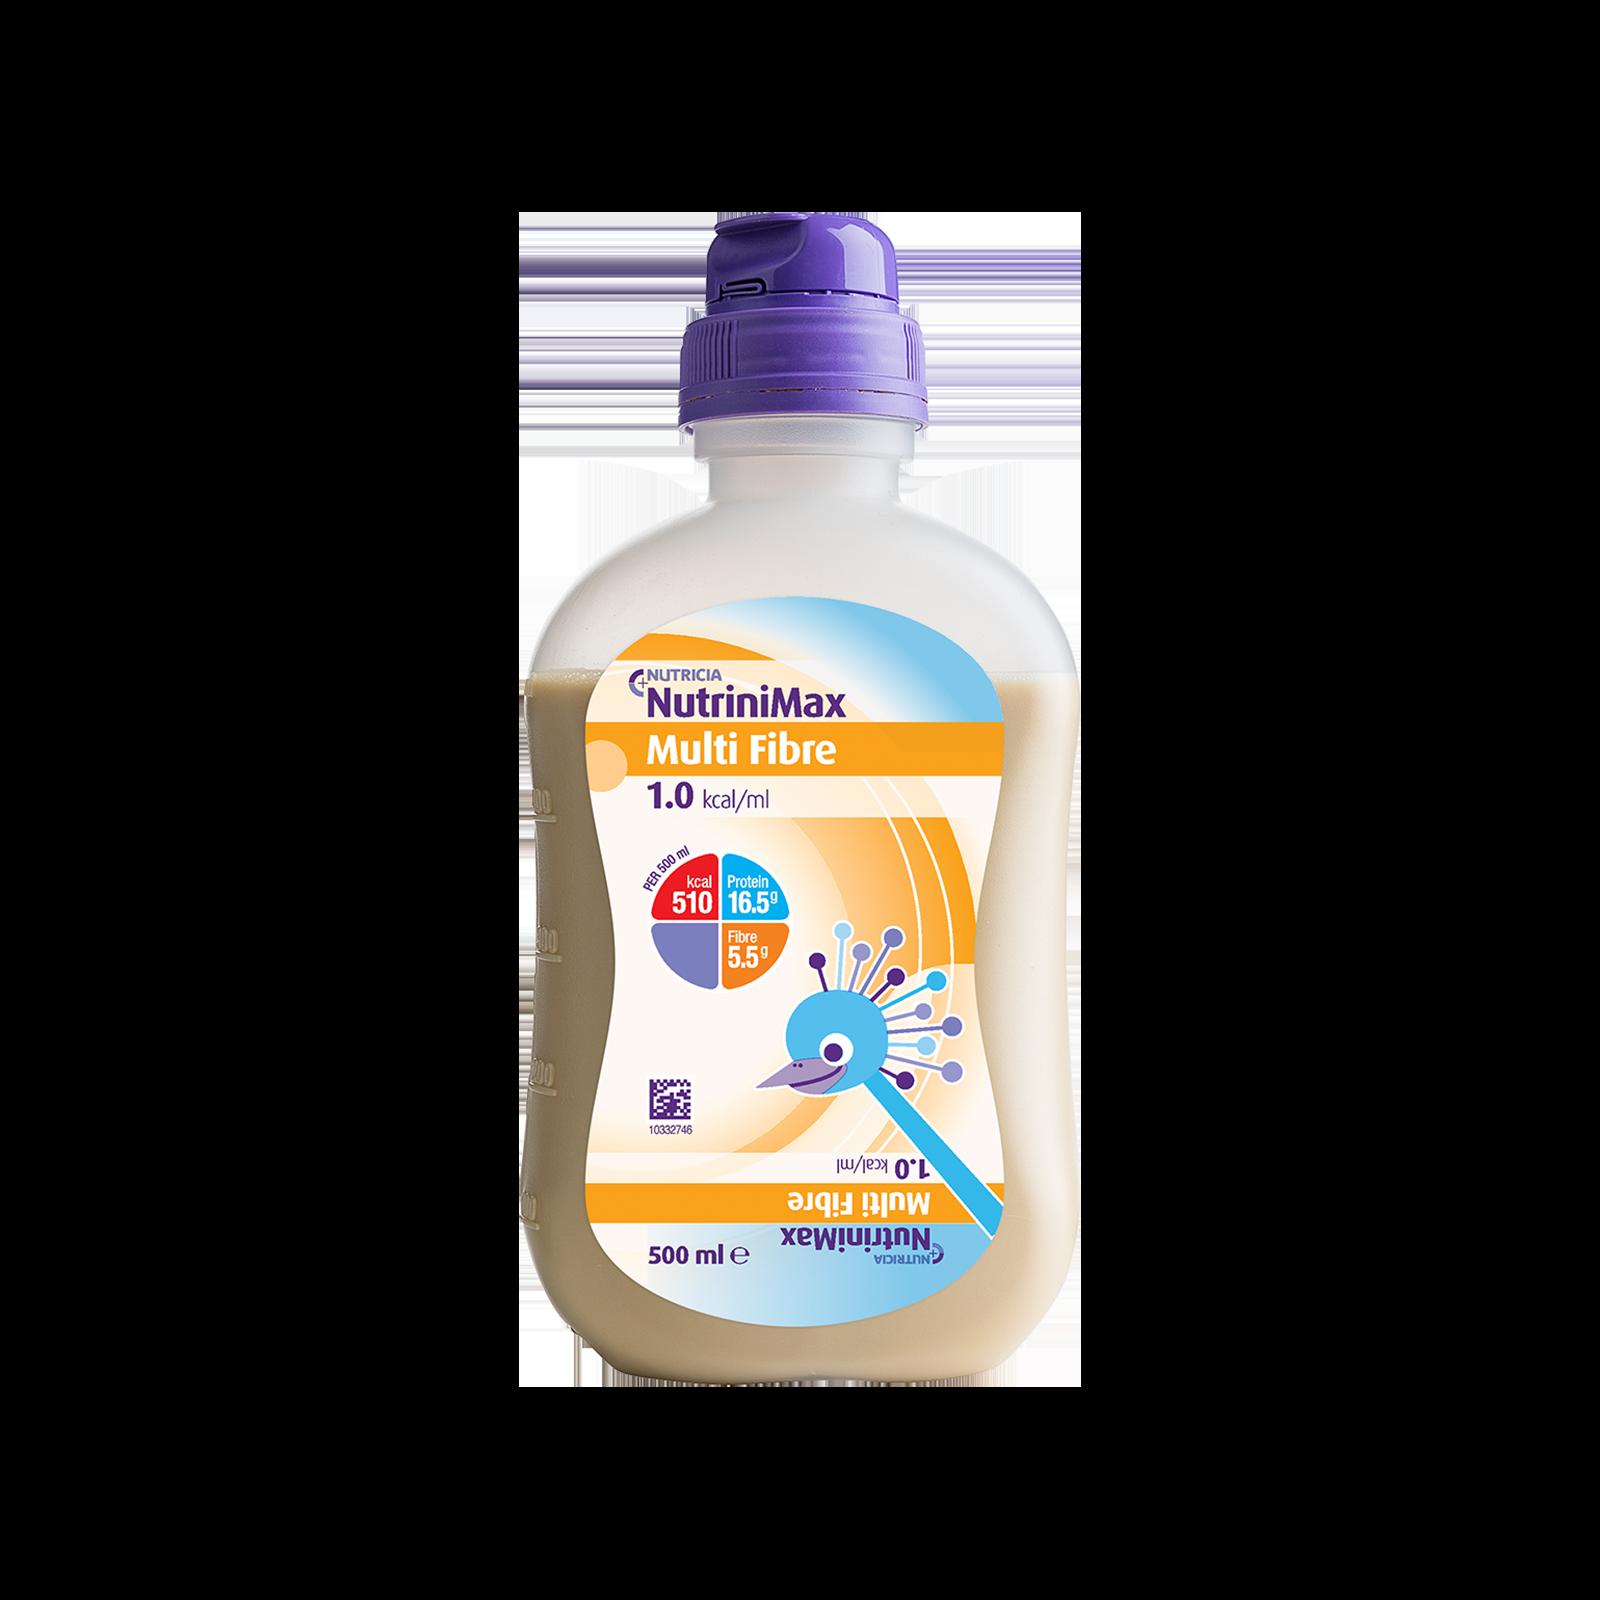 NutriniMax Multi Fibre Bottiglia Collassabile da 500 ml | Nutricia